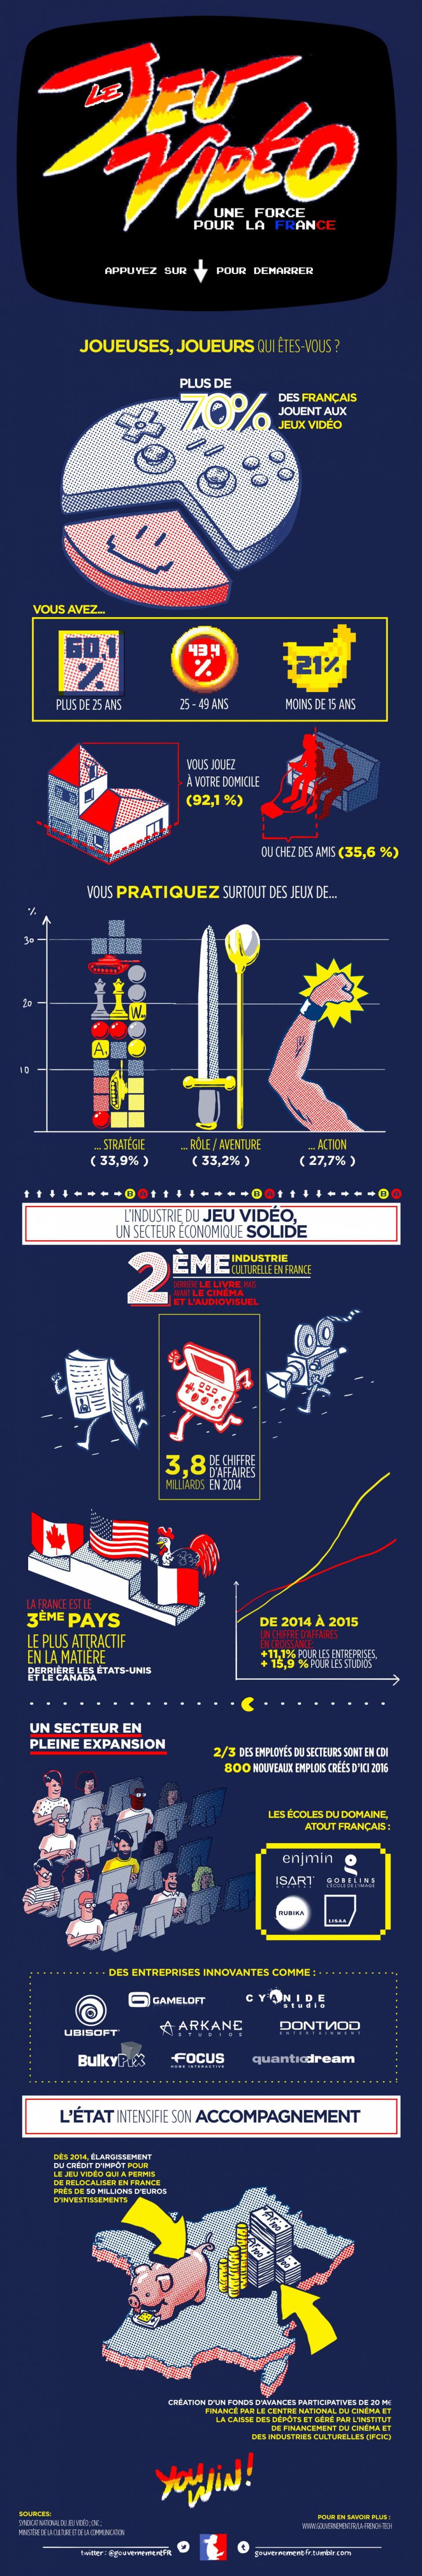 Infographie : Le jeu vidéo, une force pour la France  - voir en plus grand